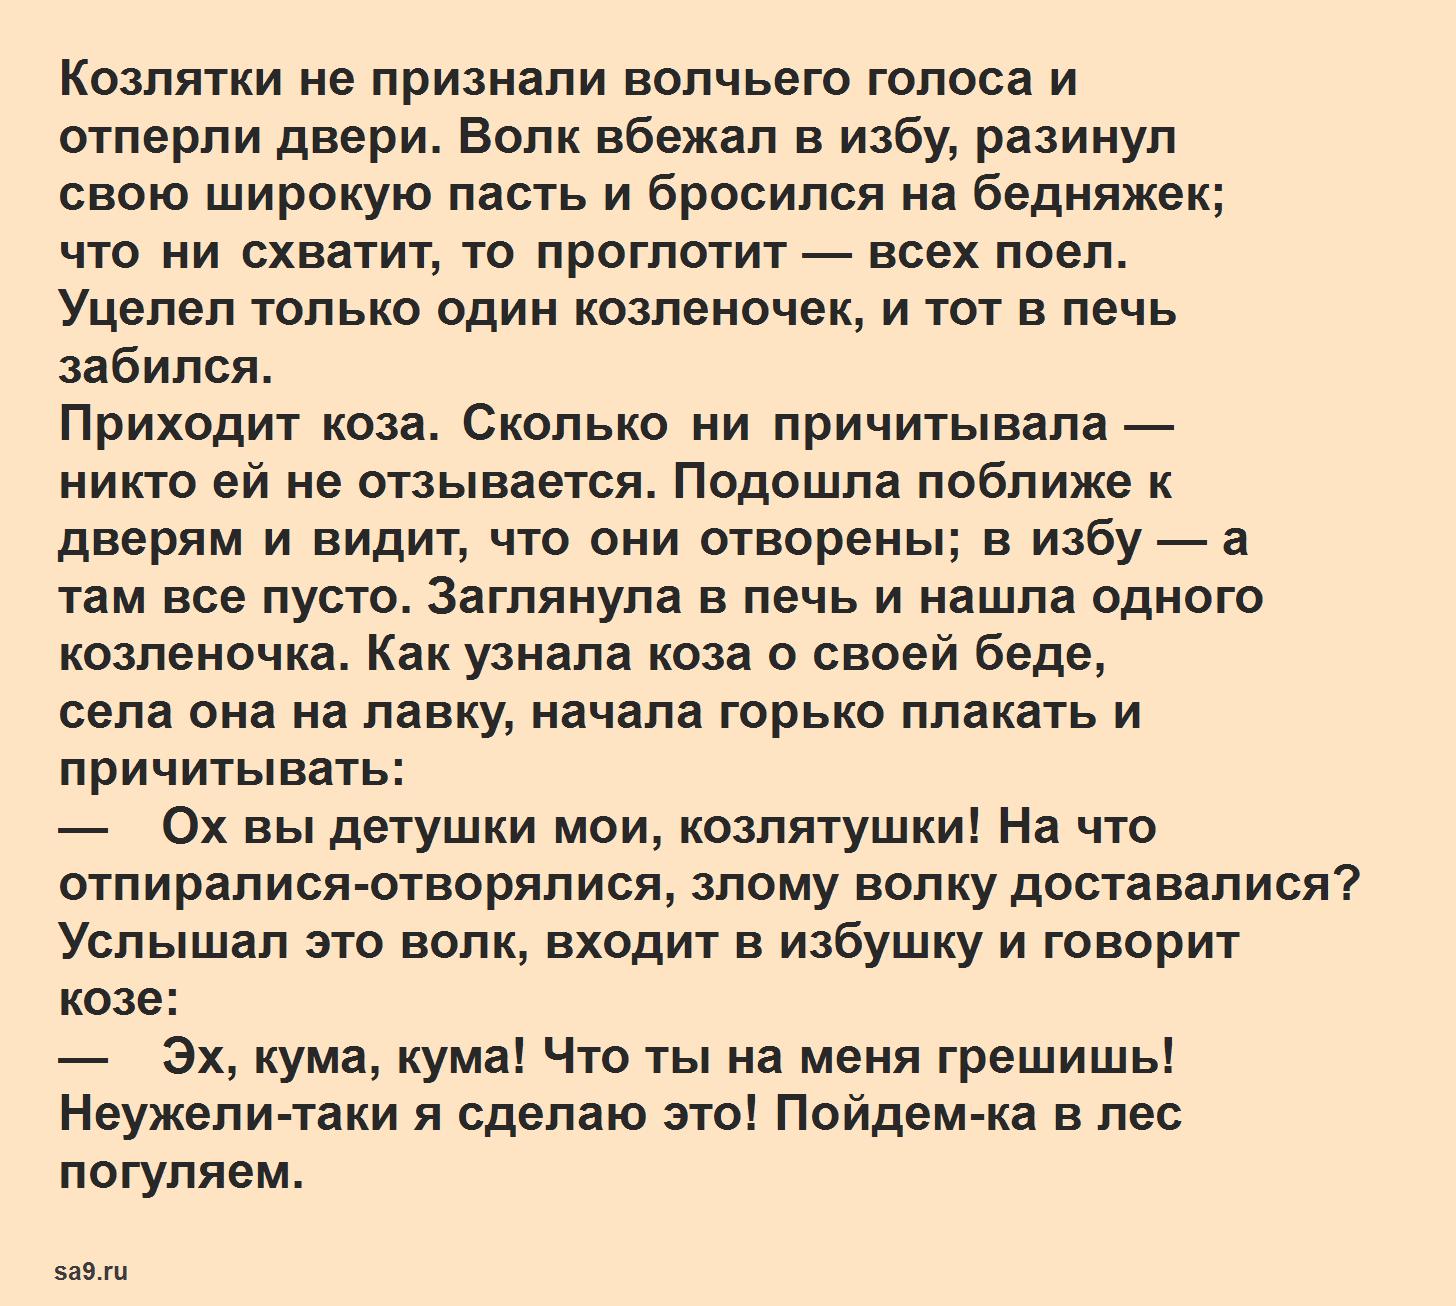 Волк и коза - русская народная сказка, читать полностью